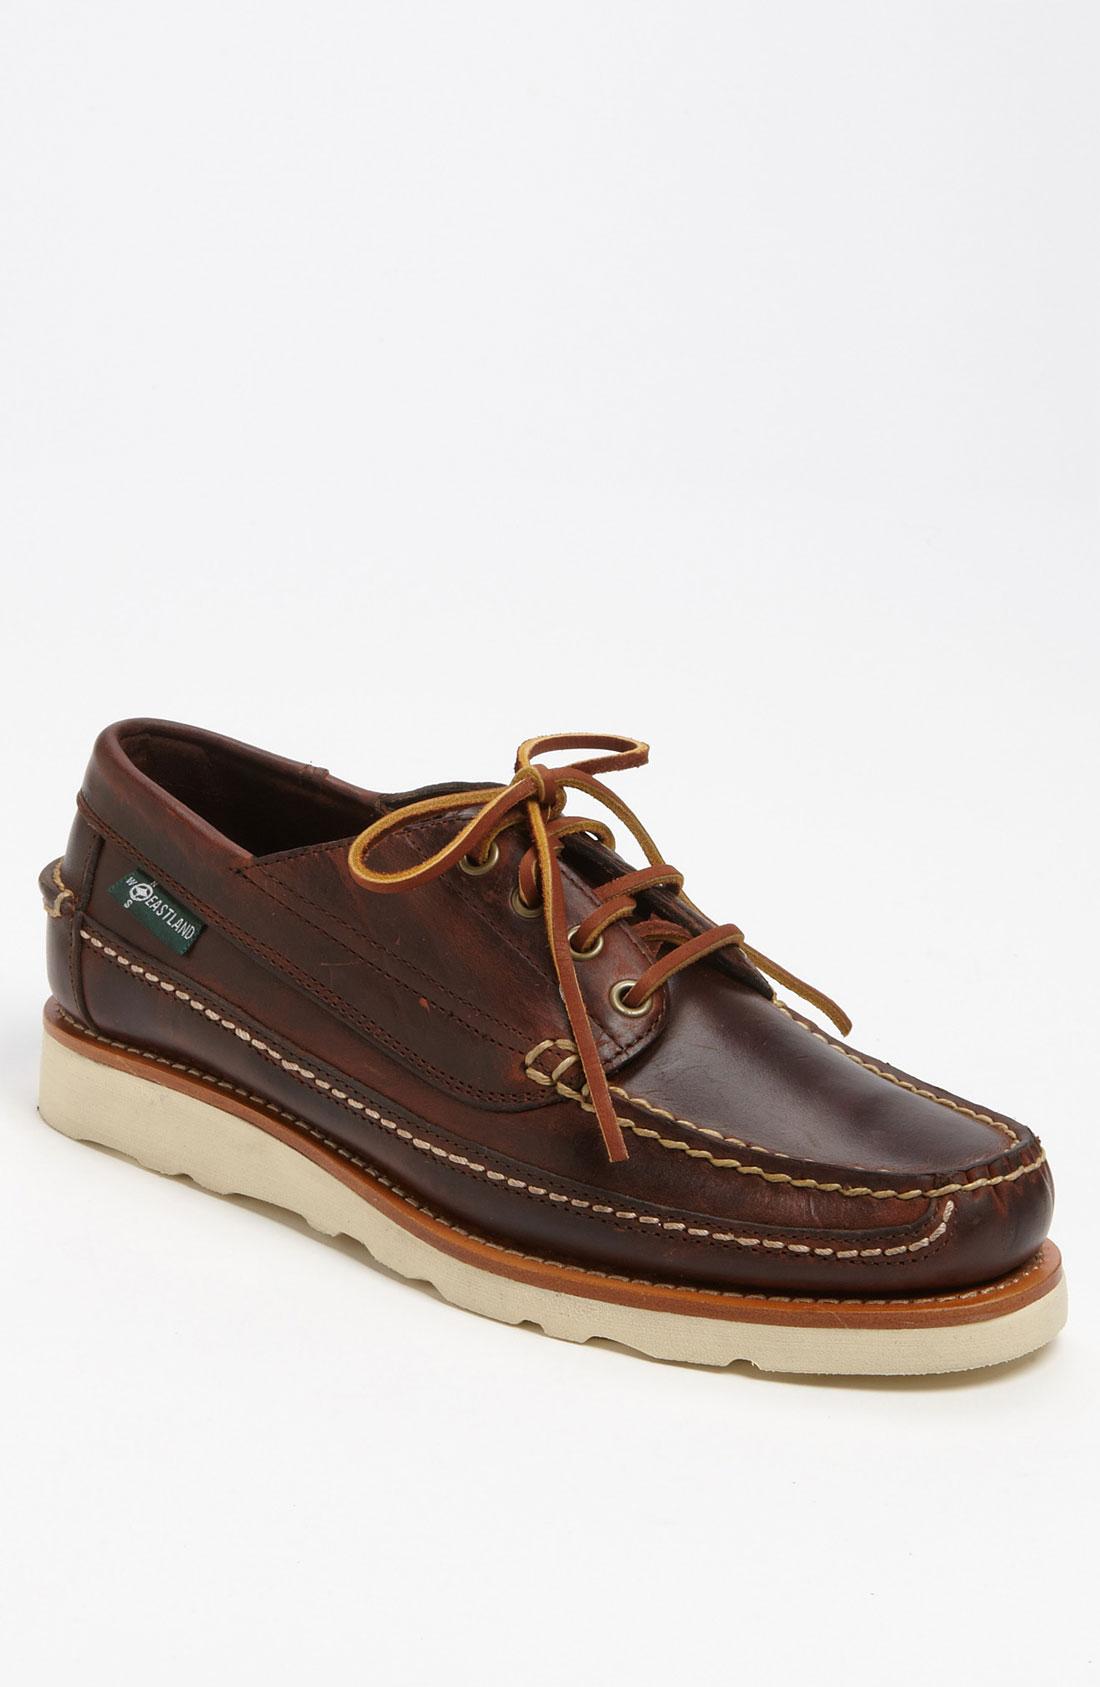 Eastland Boat Shoe Sizing